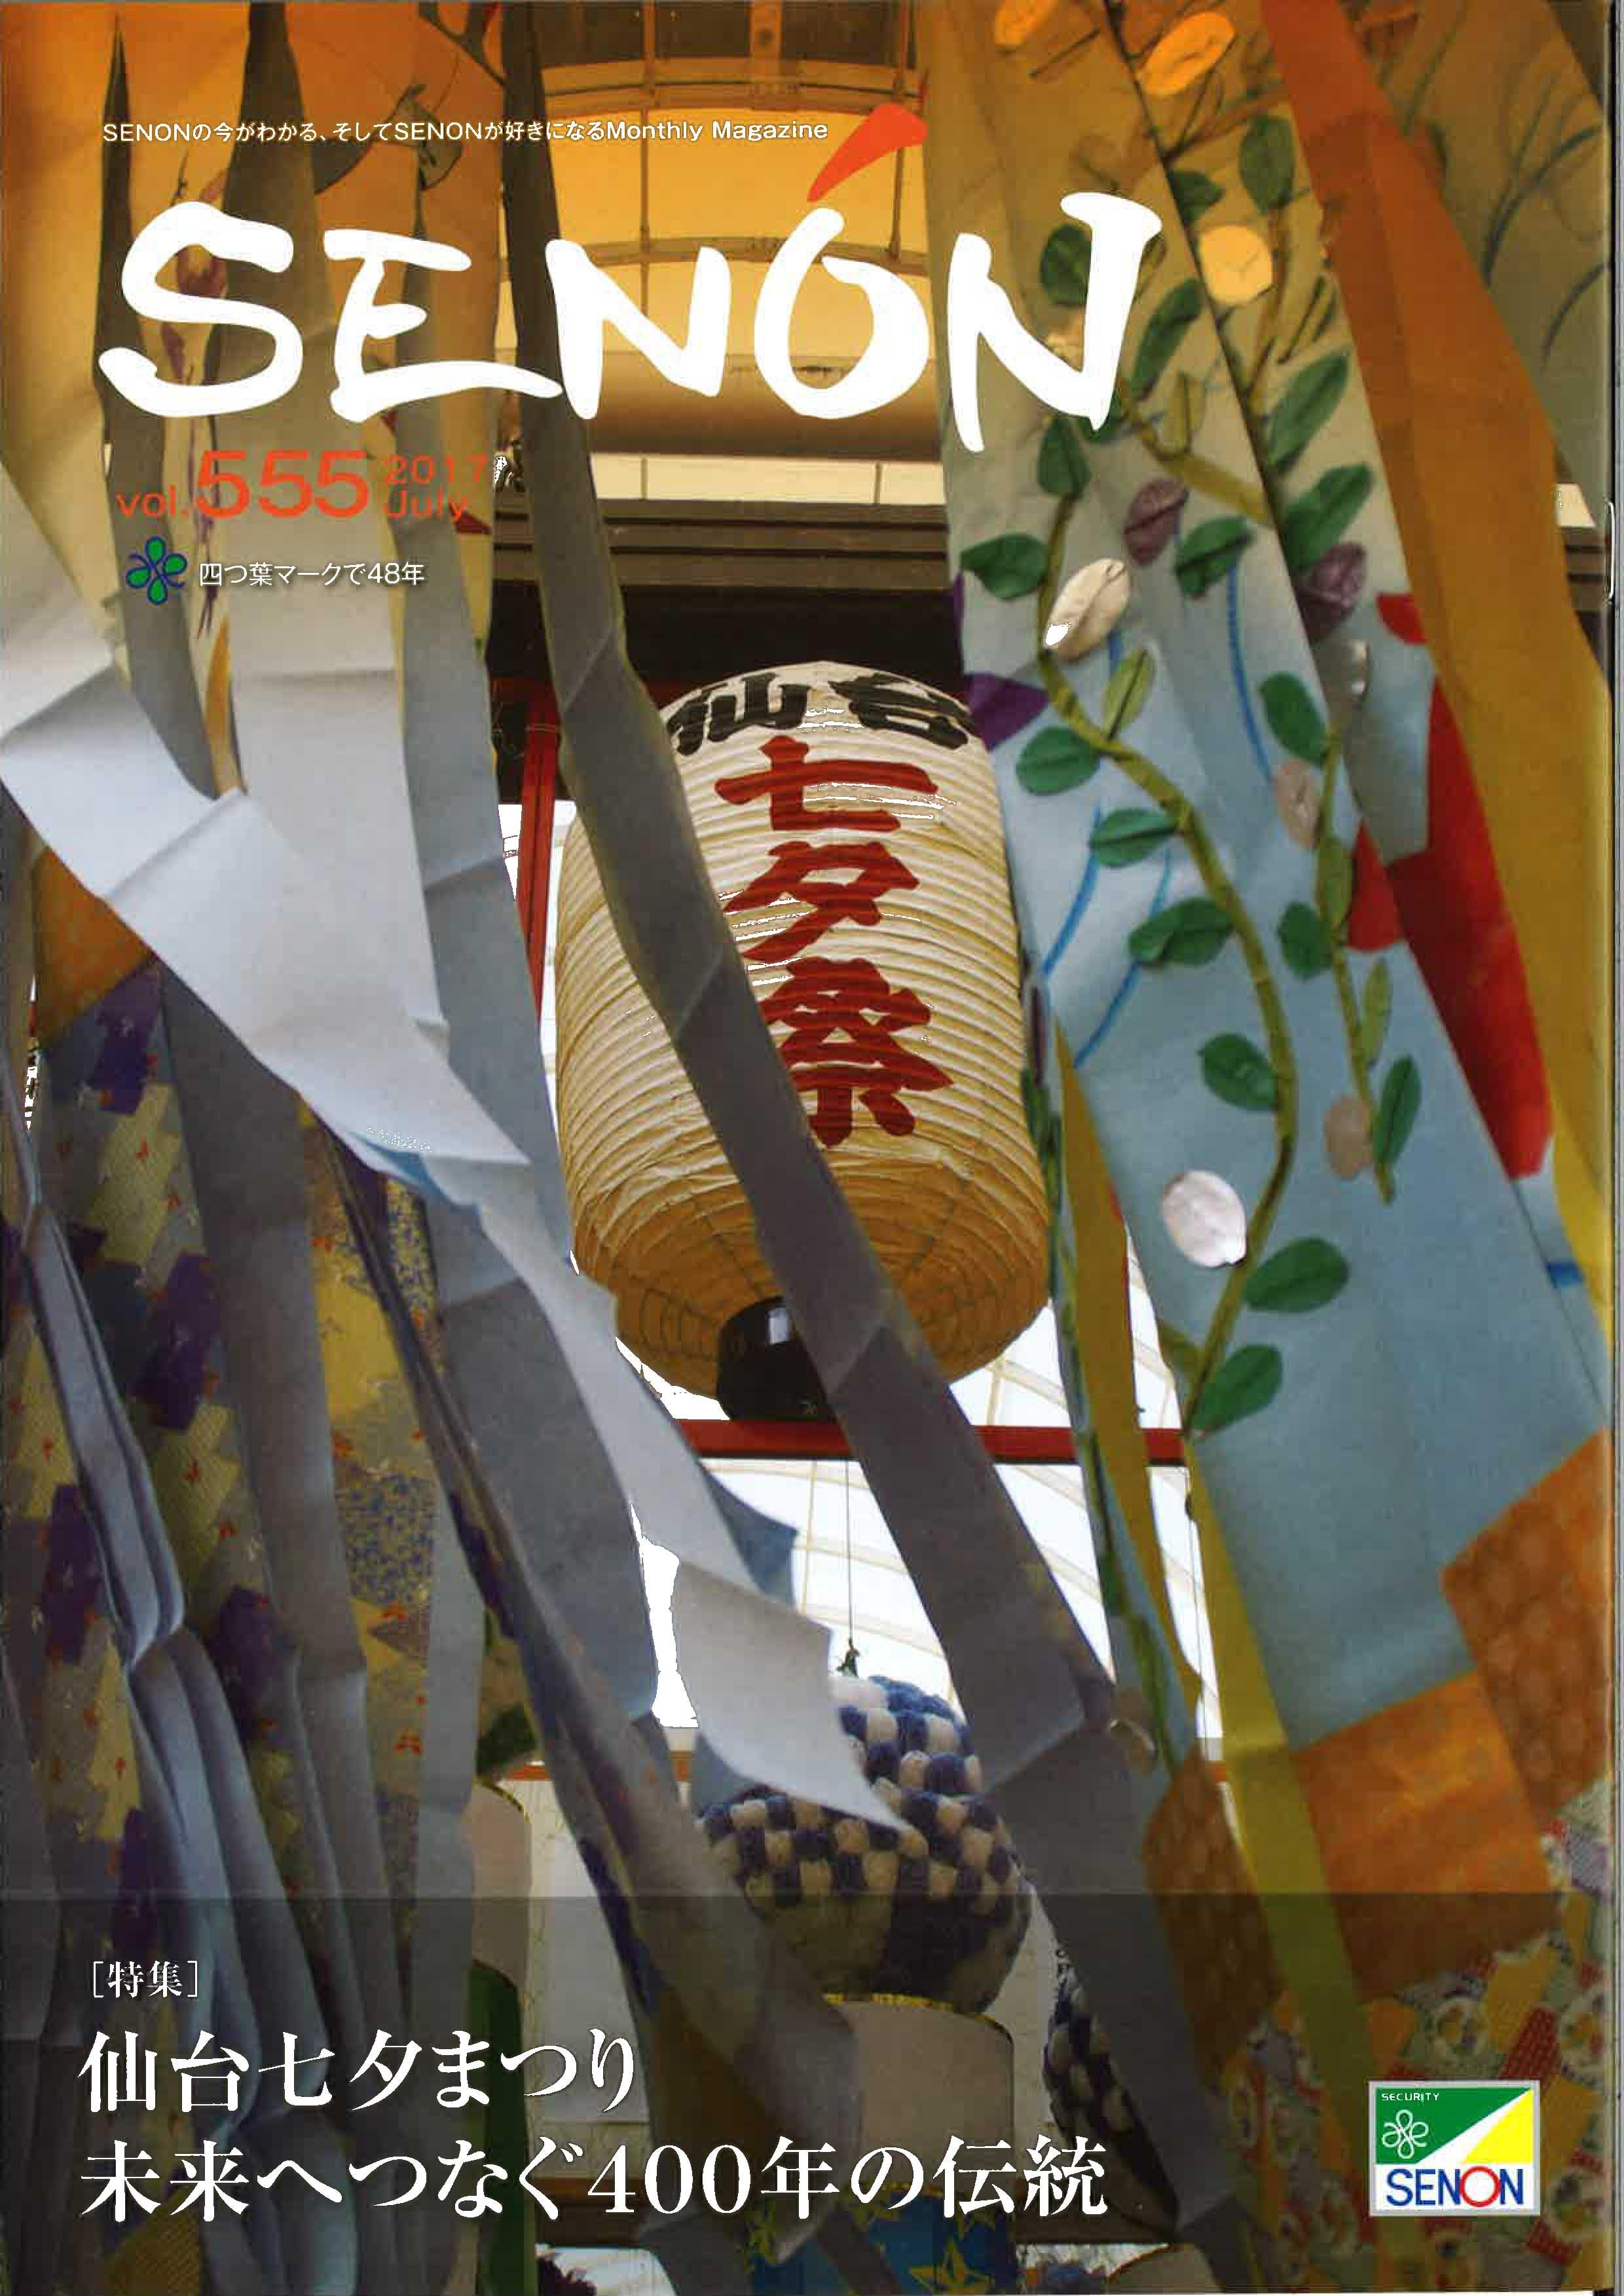 SENON Vol.555   2017 July